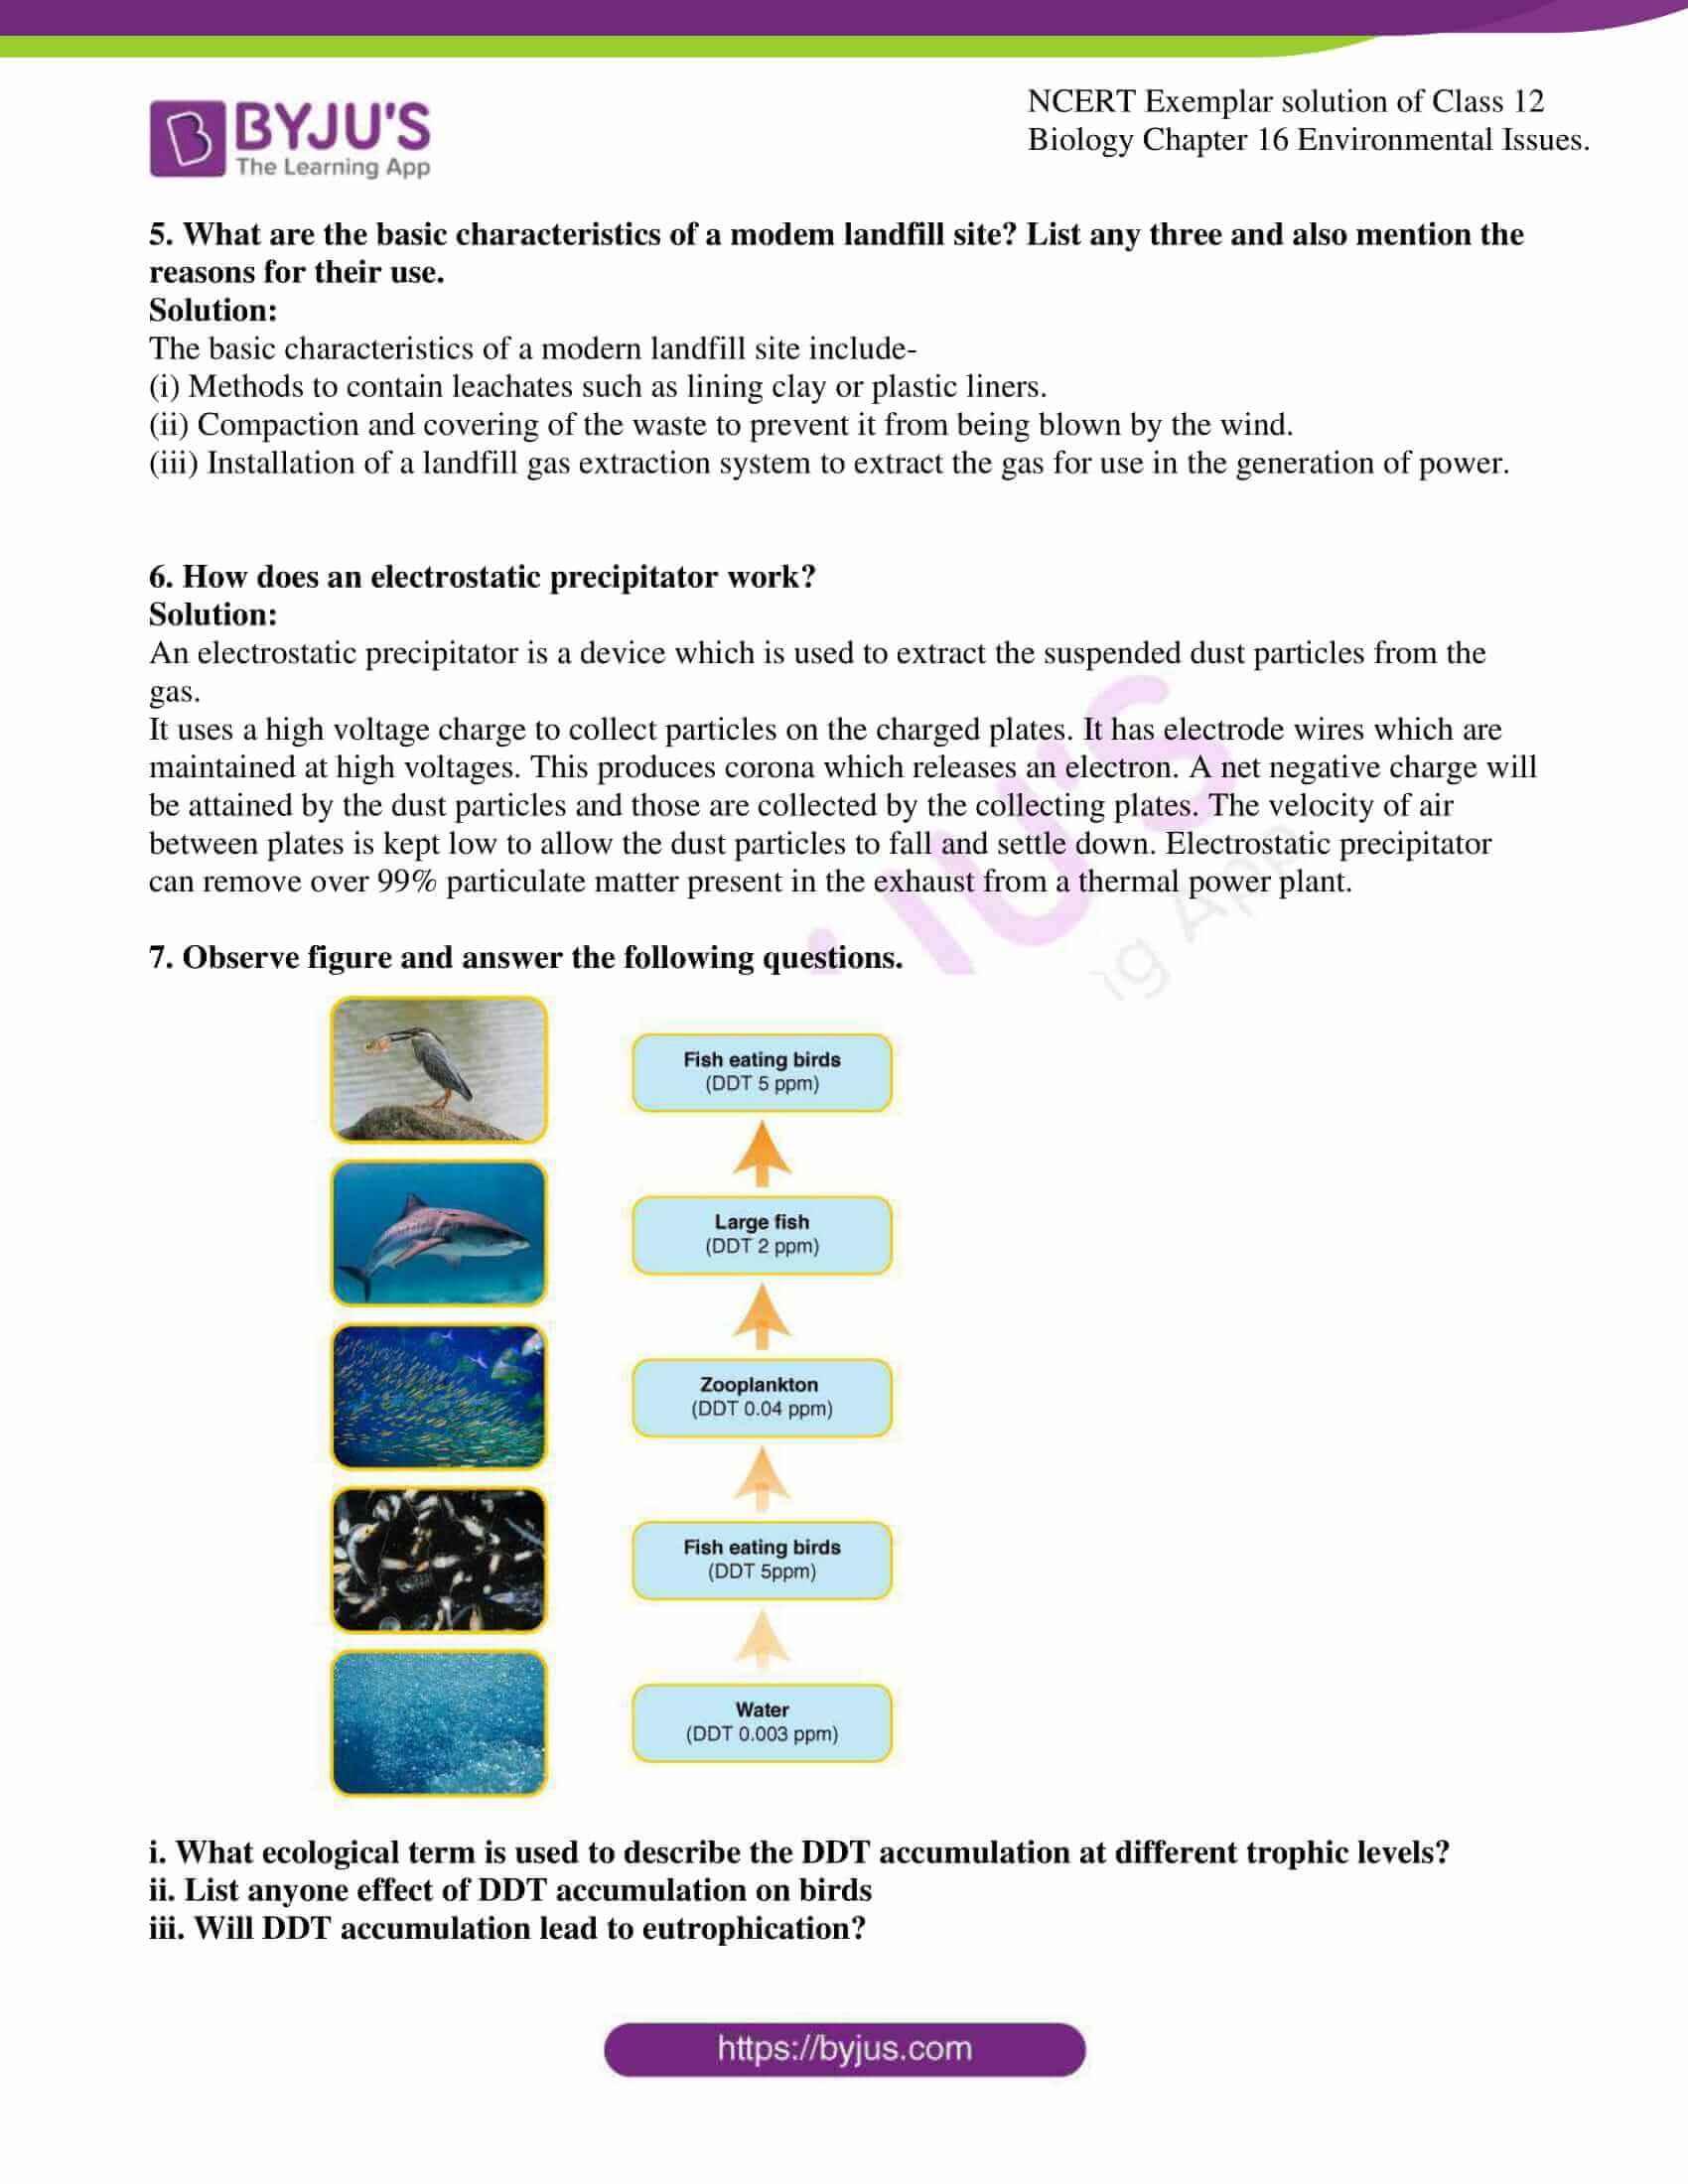 ncert exemplar solution of class 12 biology chapter 16 10